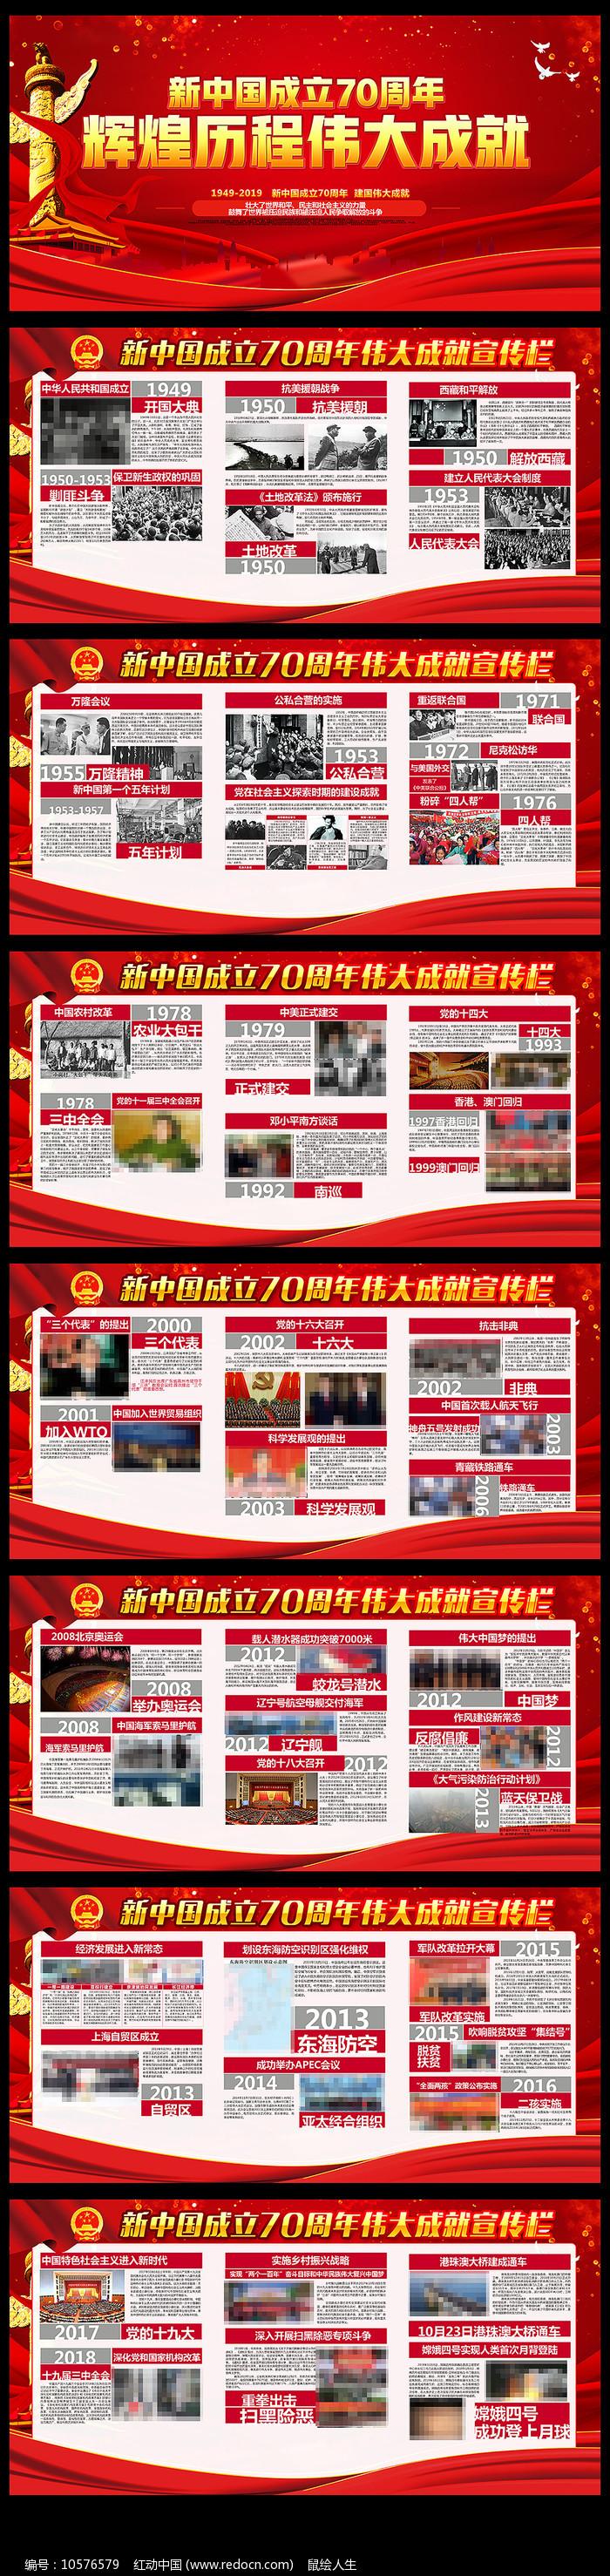 新中国成立70周年宣传展板图片